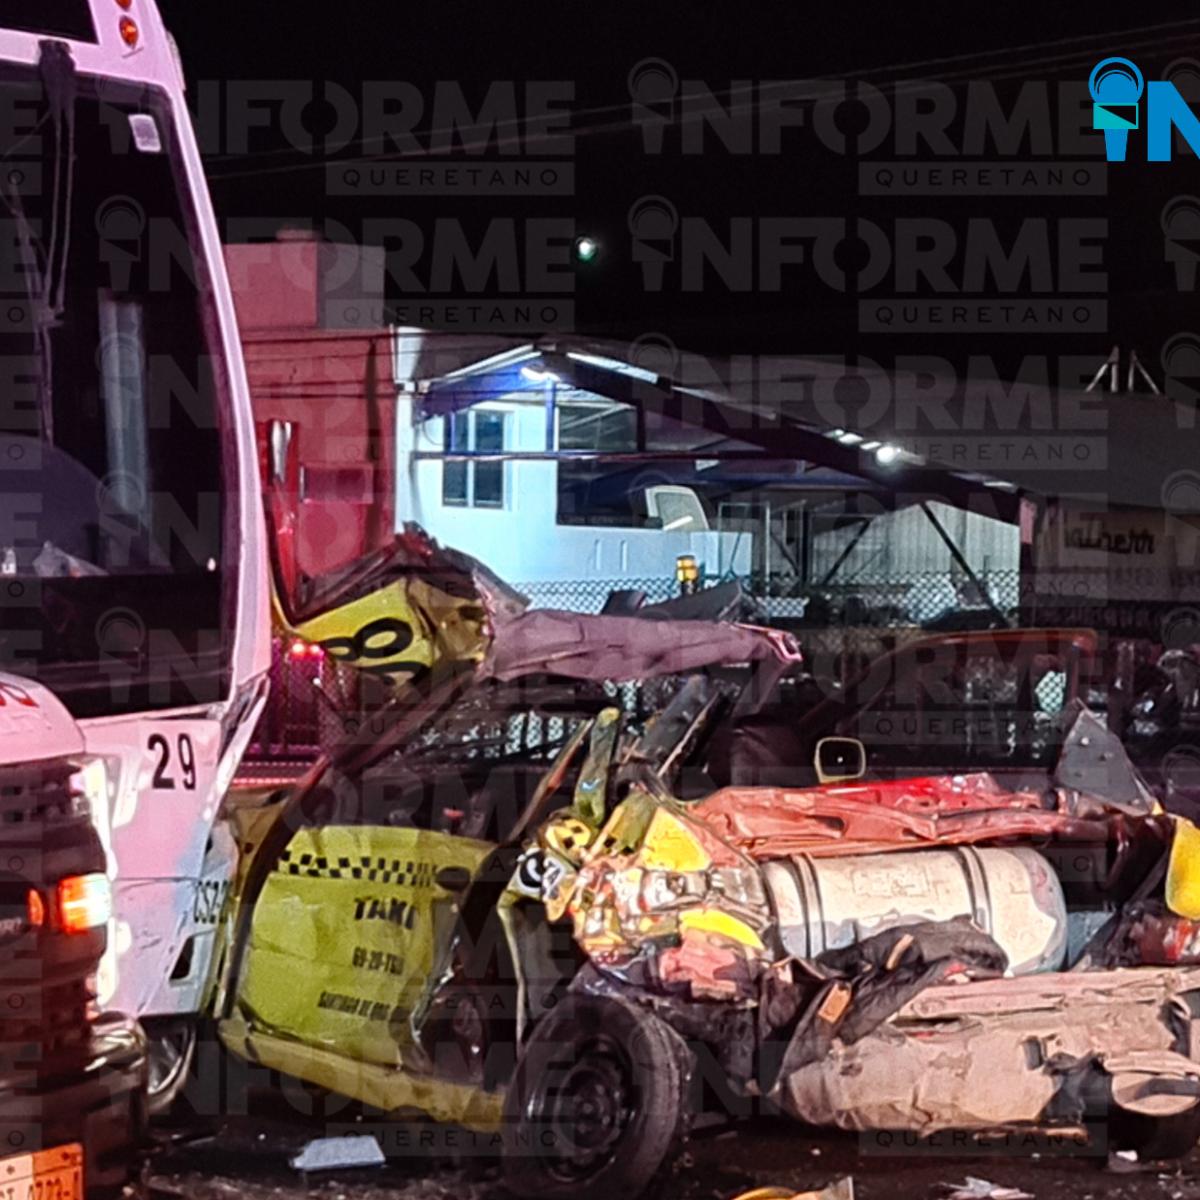 Choque entre camión y taxi dejó a una mujer y una menor graves y 11 pasajeros con lesiones menores